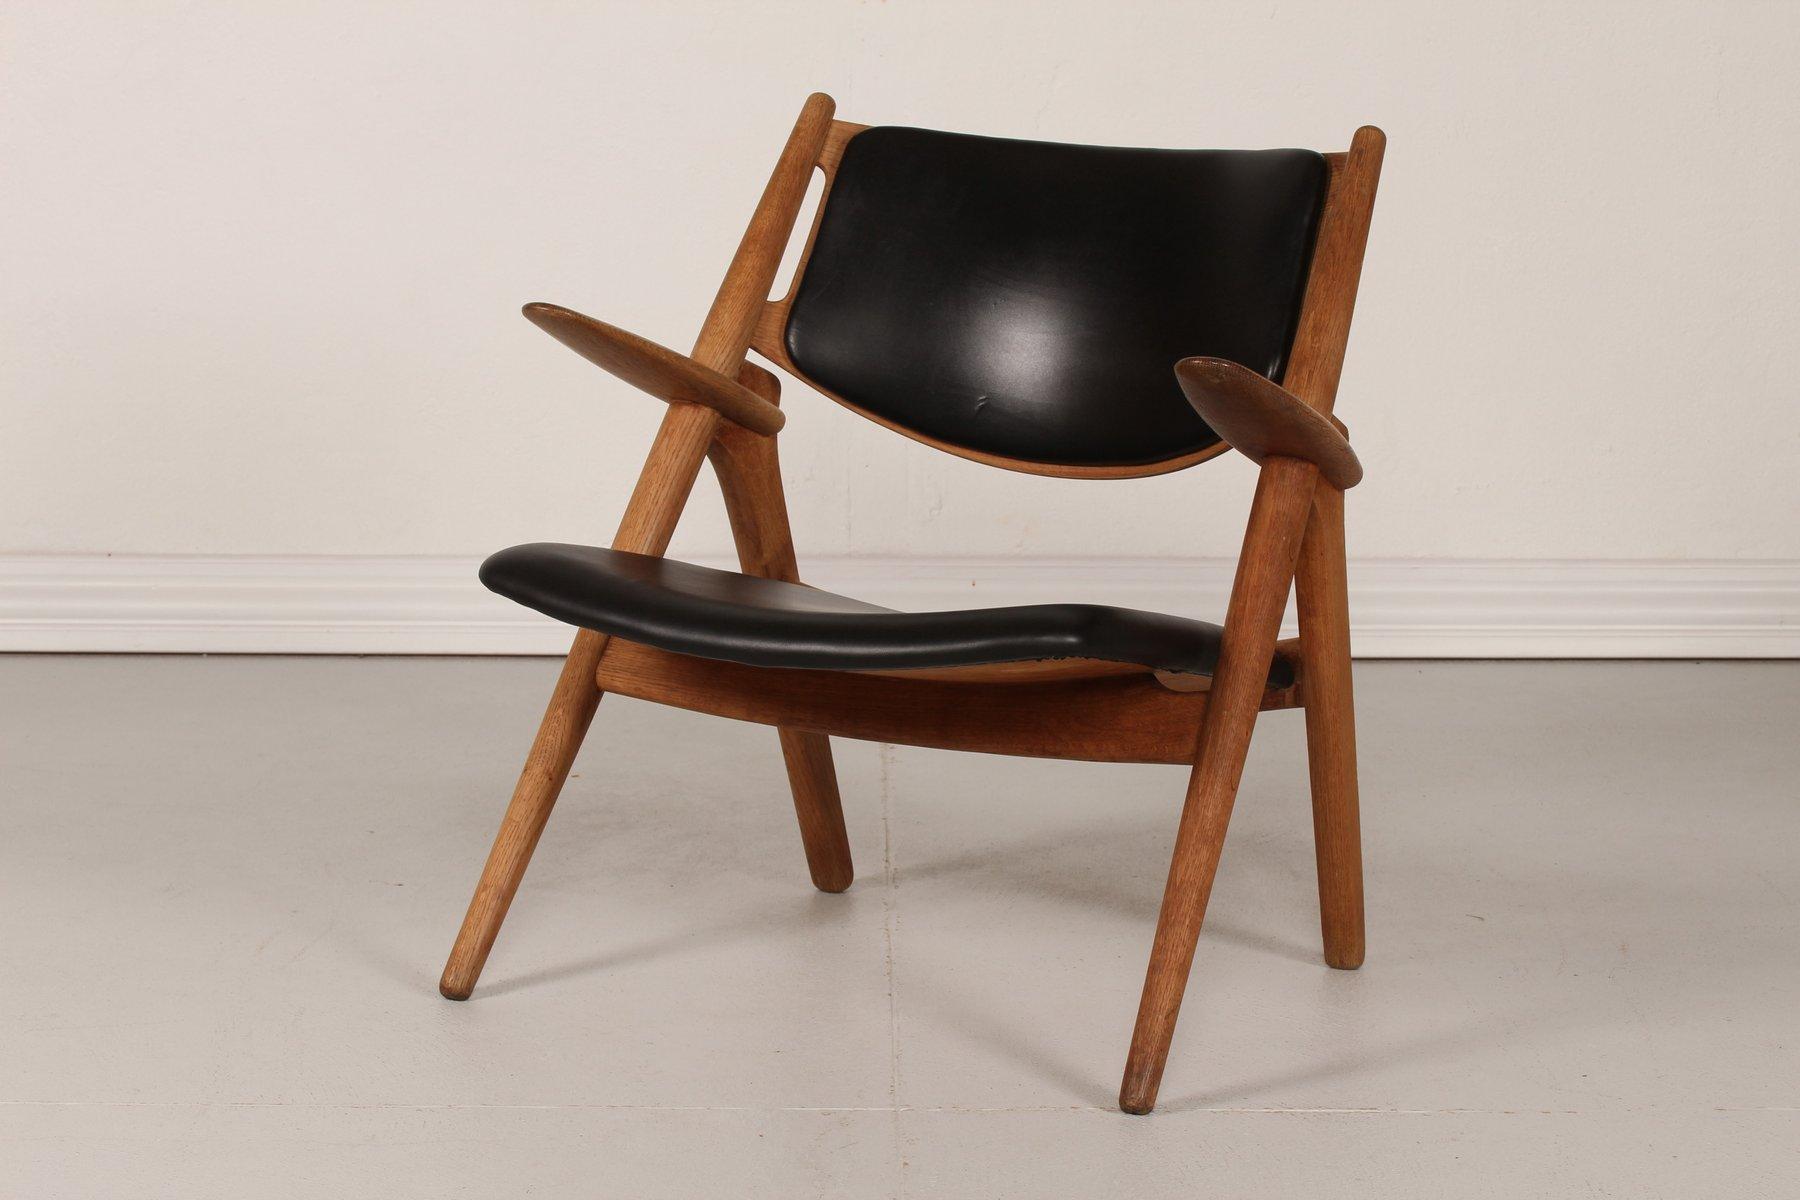 ch 28 eiche sawbench stuhl von hans j wegner f r carl hansen 1950er bei pamono kaufen. Black Bedroom Furniture Sets. Home Design Ideas